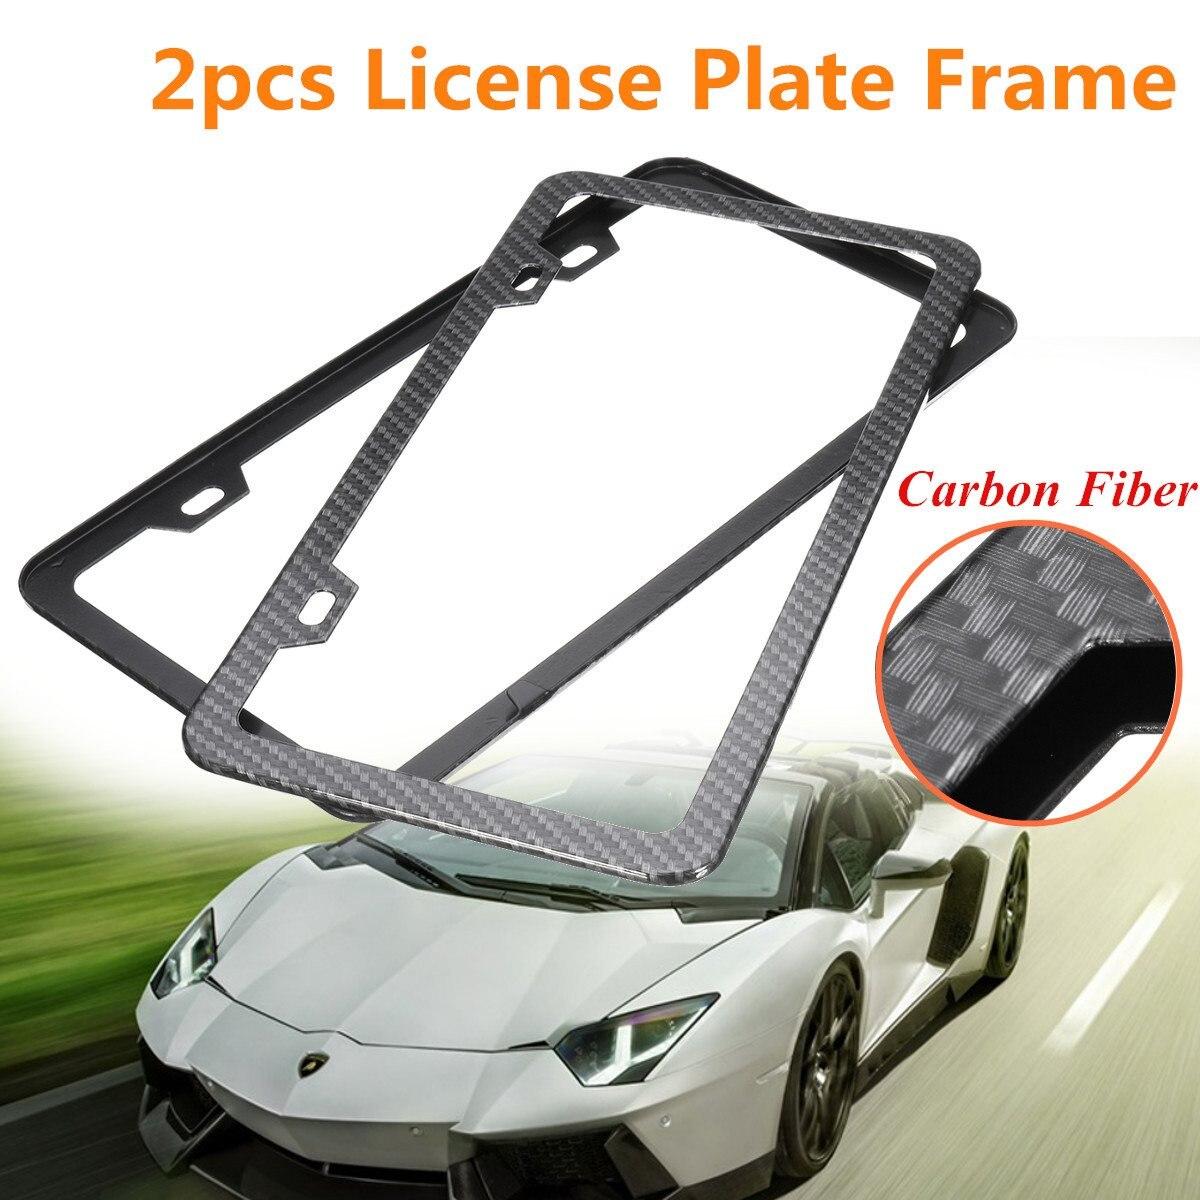 Design of car frame - 2x Universal Car Front Rear Carbon Fiber License Plate Frame Holder 2 Holes China